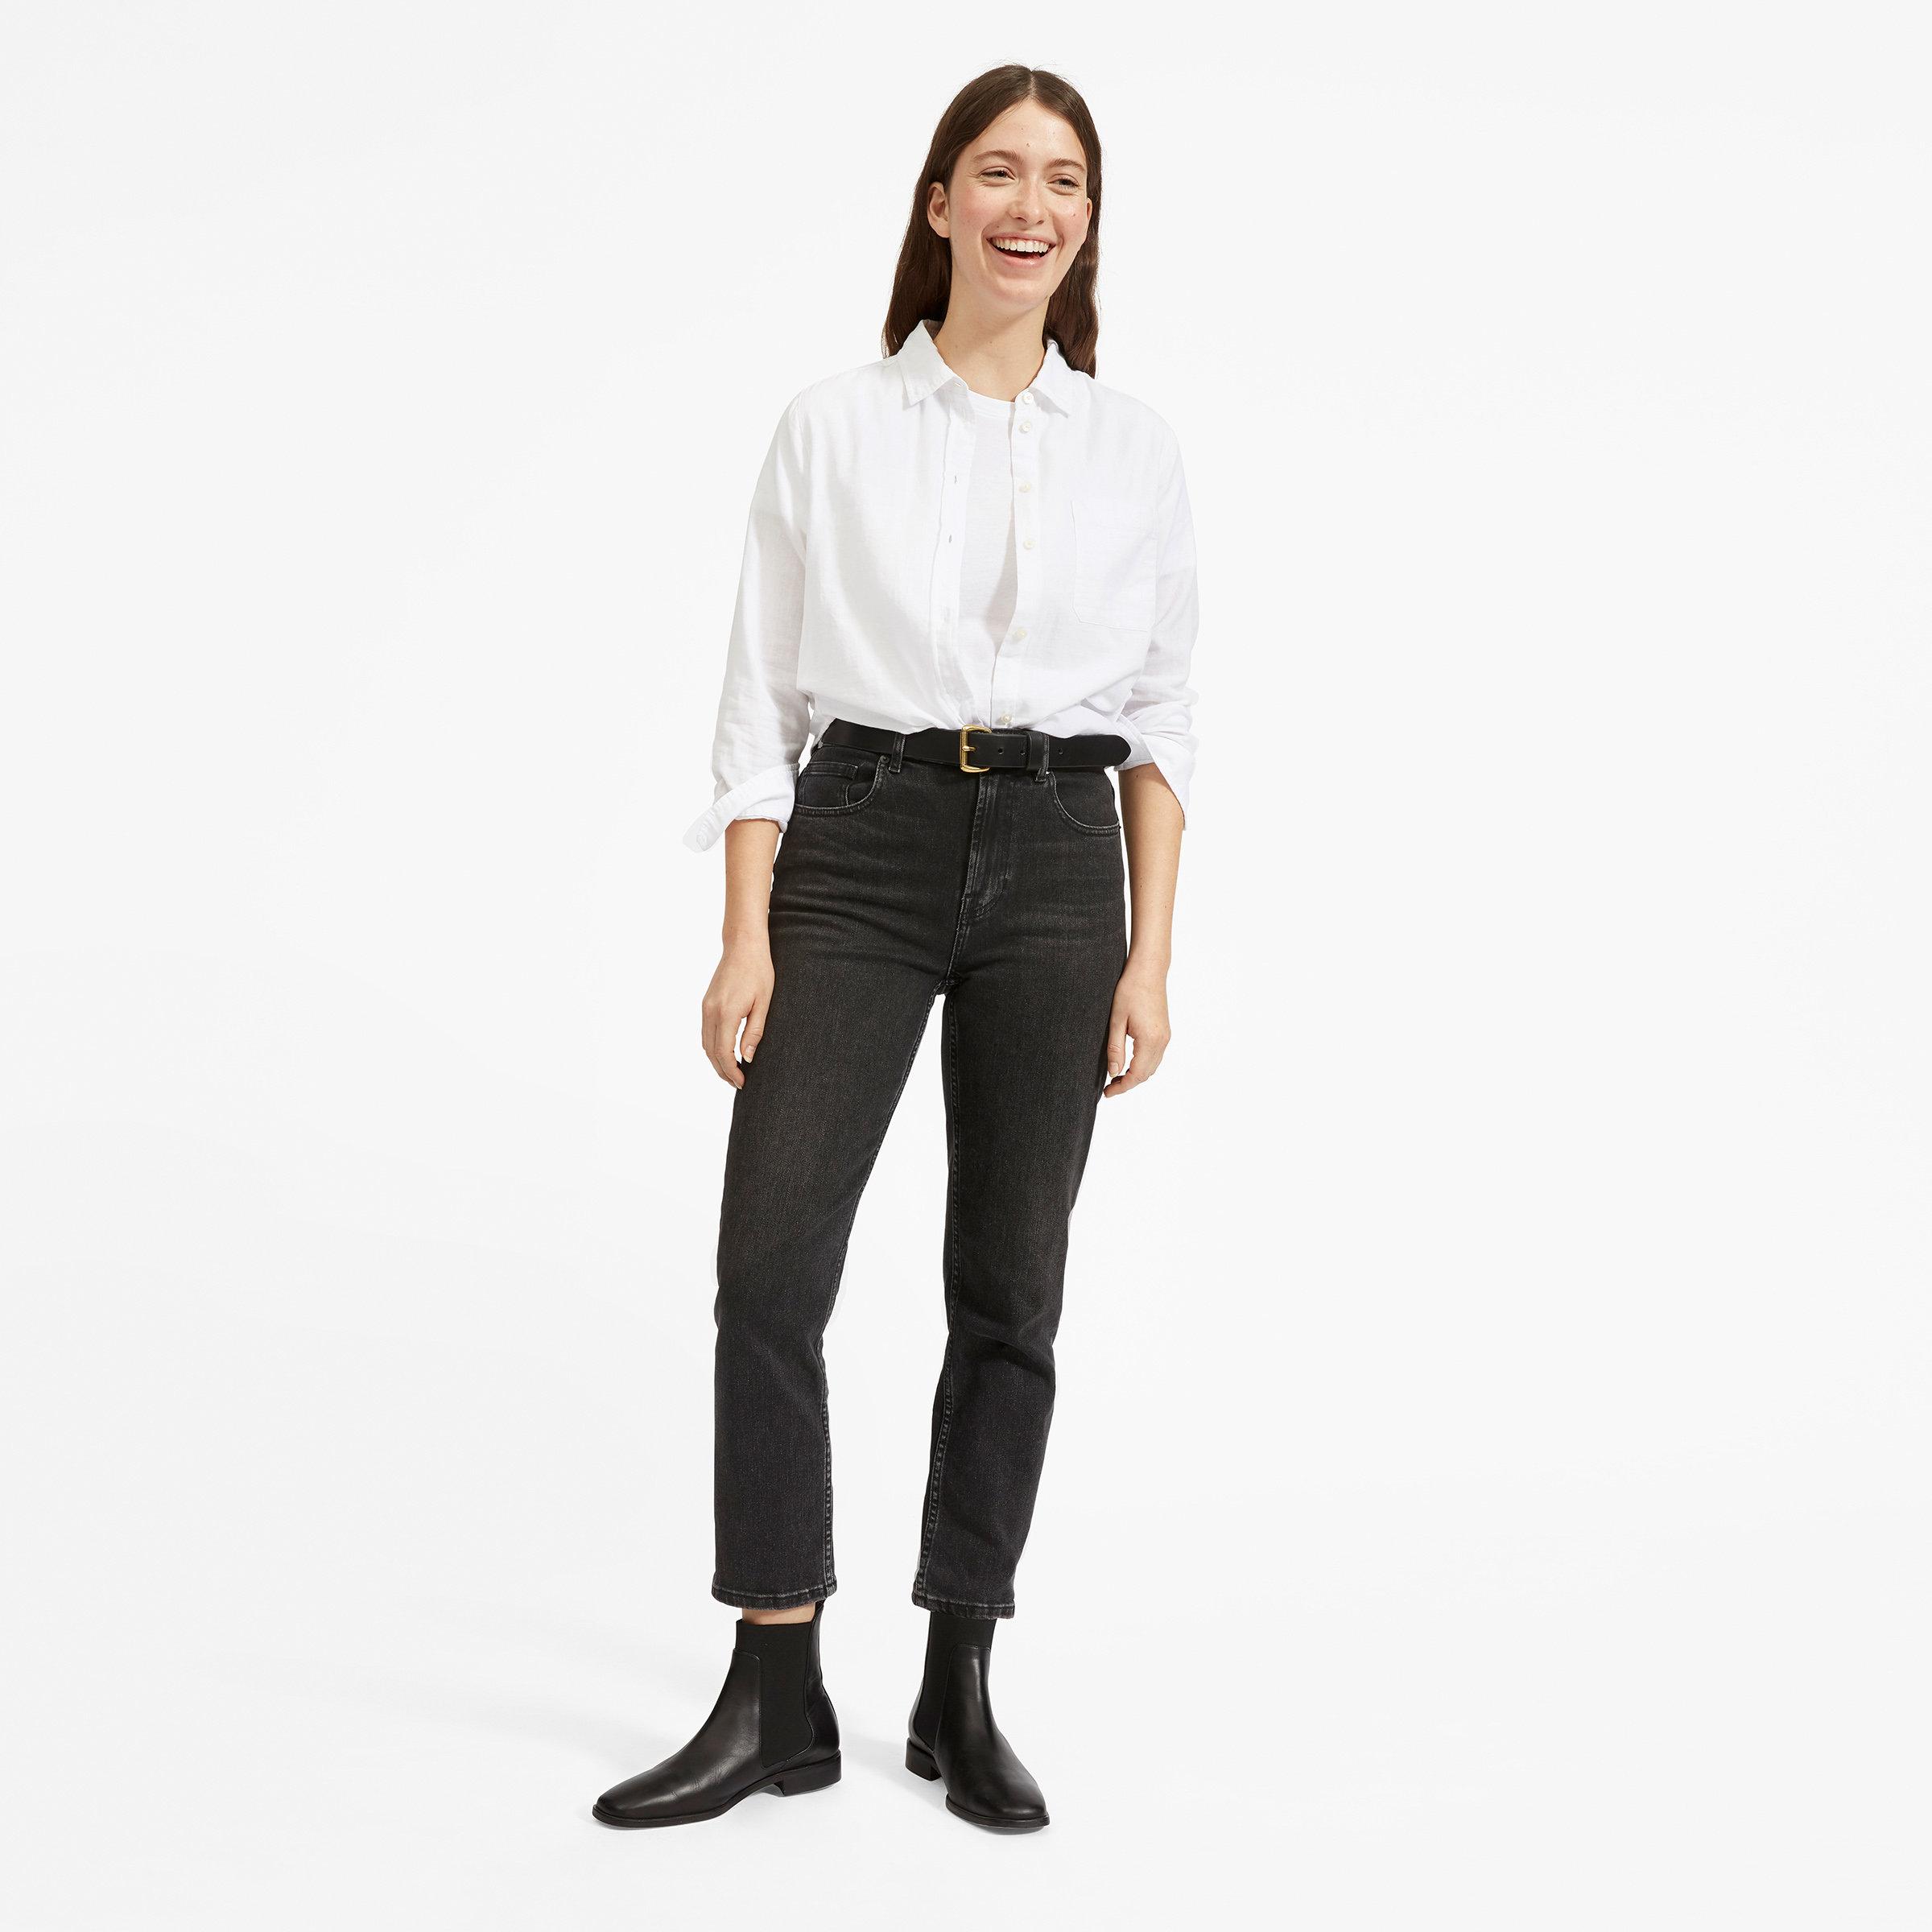 6c33cb0275cd3 Women s Shrunken Cotton Shirt